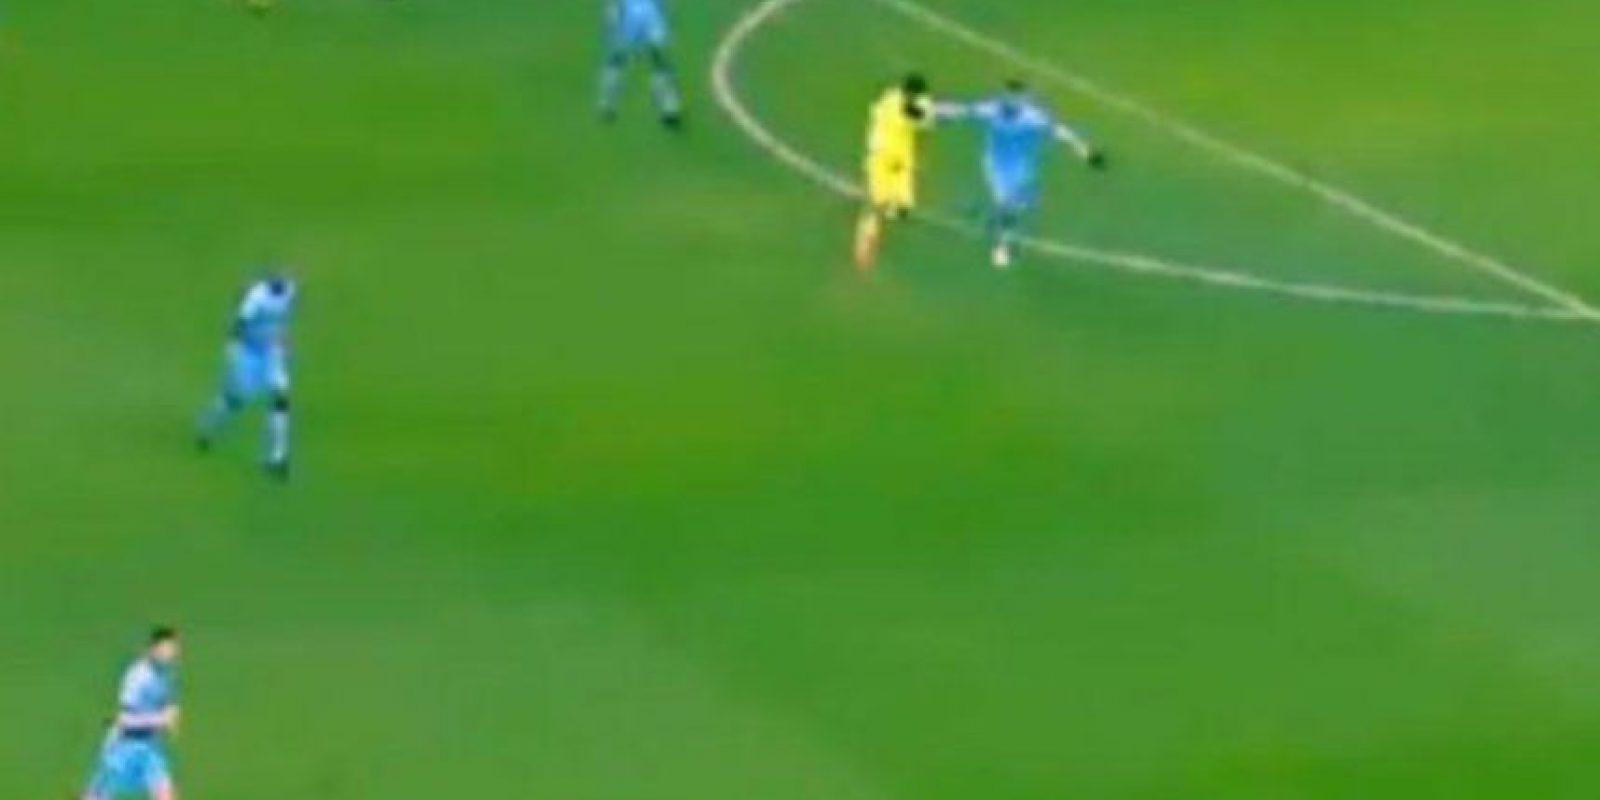 Tomas como están hacen suponer que Suárez sí mordió al defensor argentino. Foto:Vine